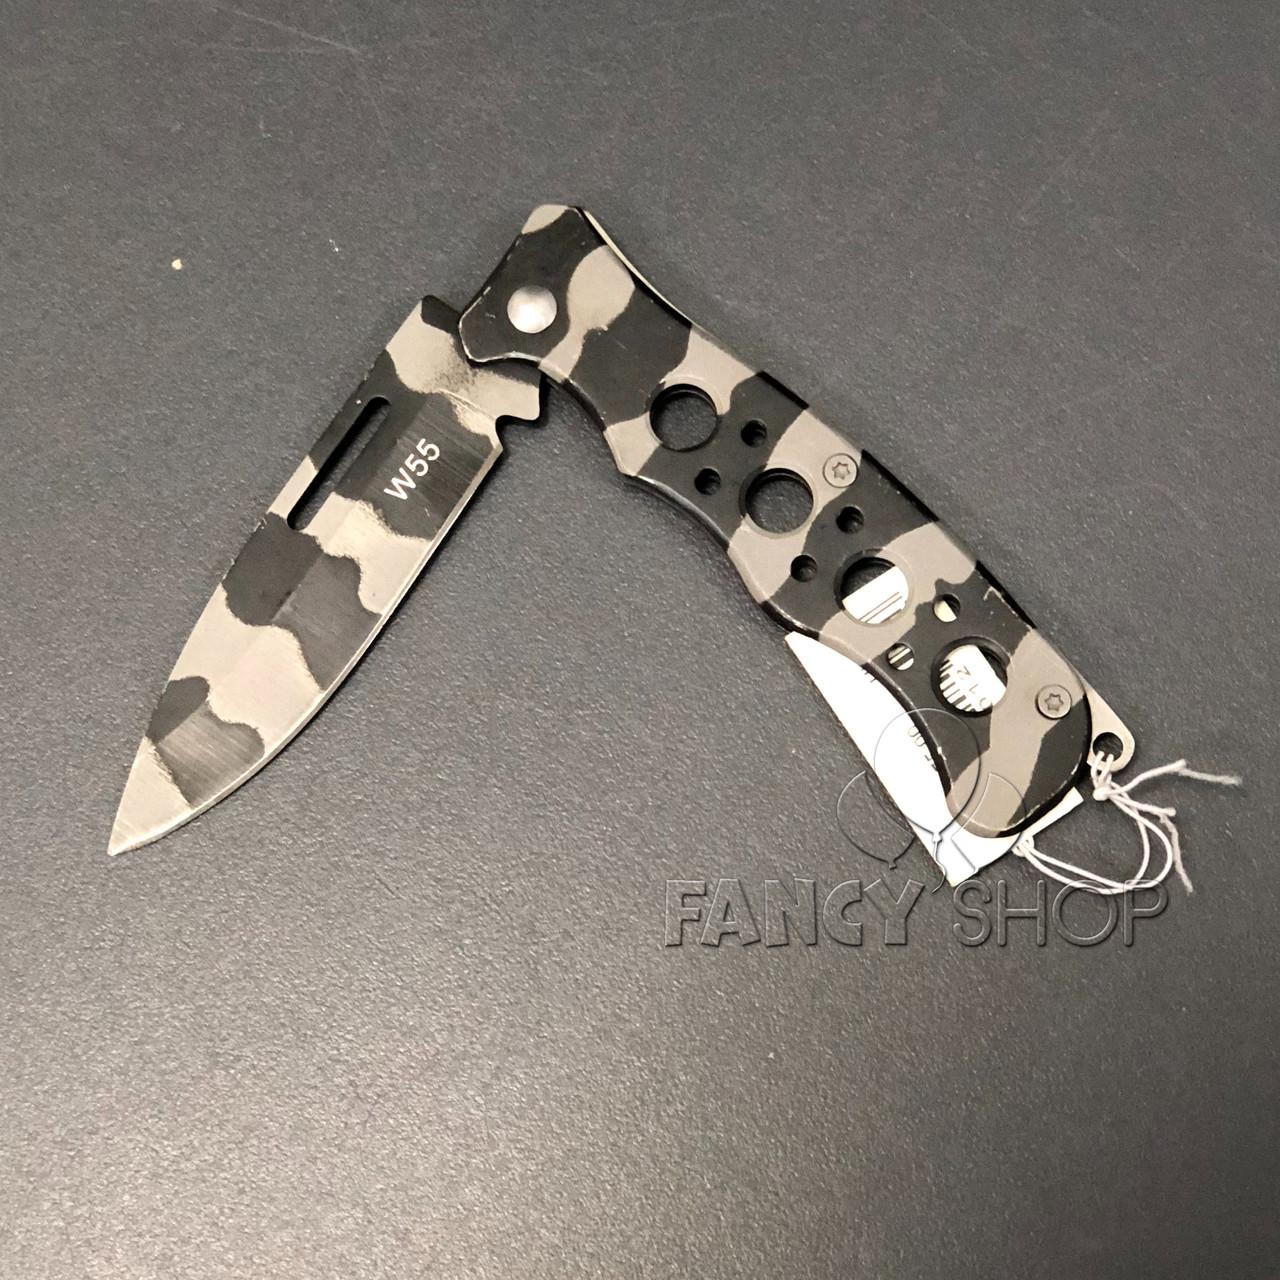 Ніж складний, 16.5 см, Нож складной W55